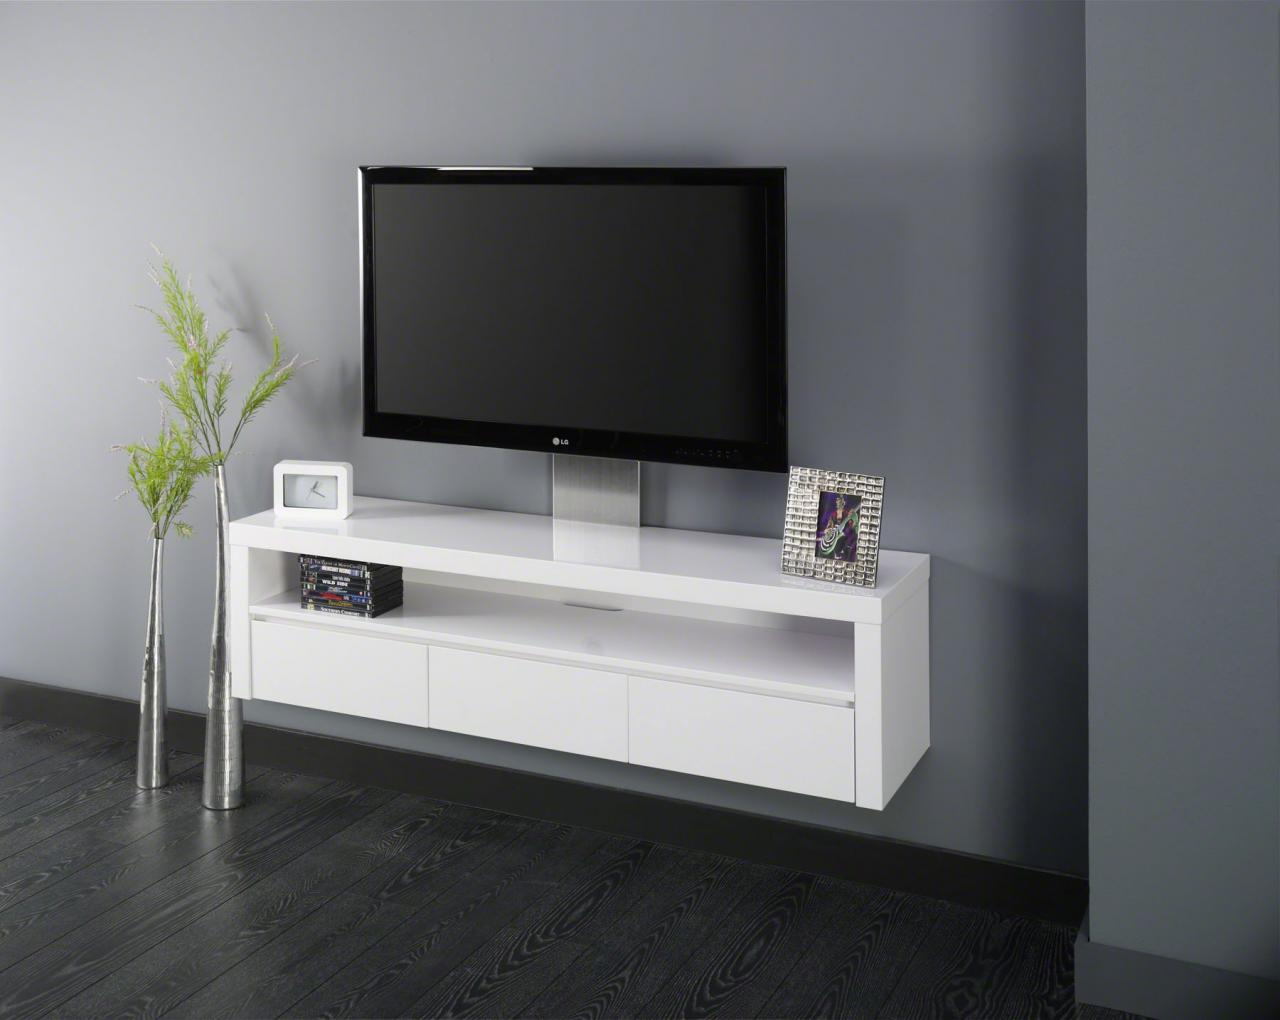 Meuble Tv 100 Cm Blanc Laqu Mobilier Design D Coration D Int Rieur # Meuble Tv Blanc Laque